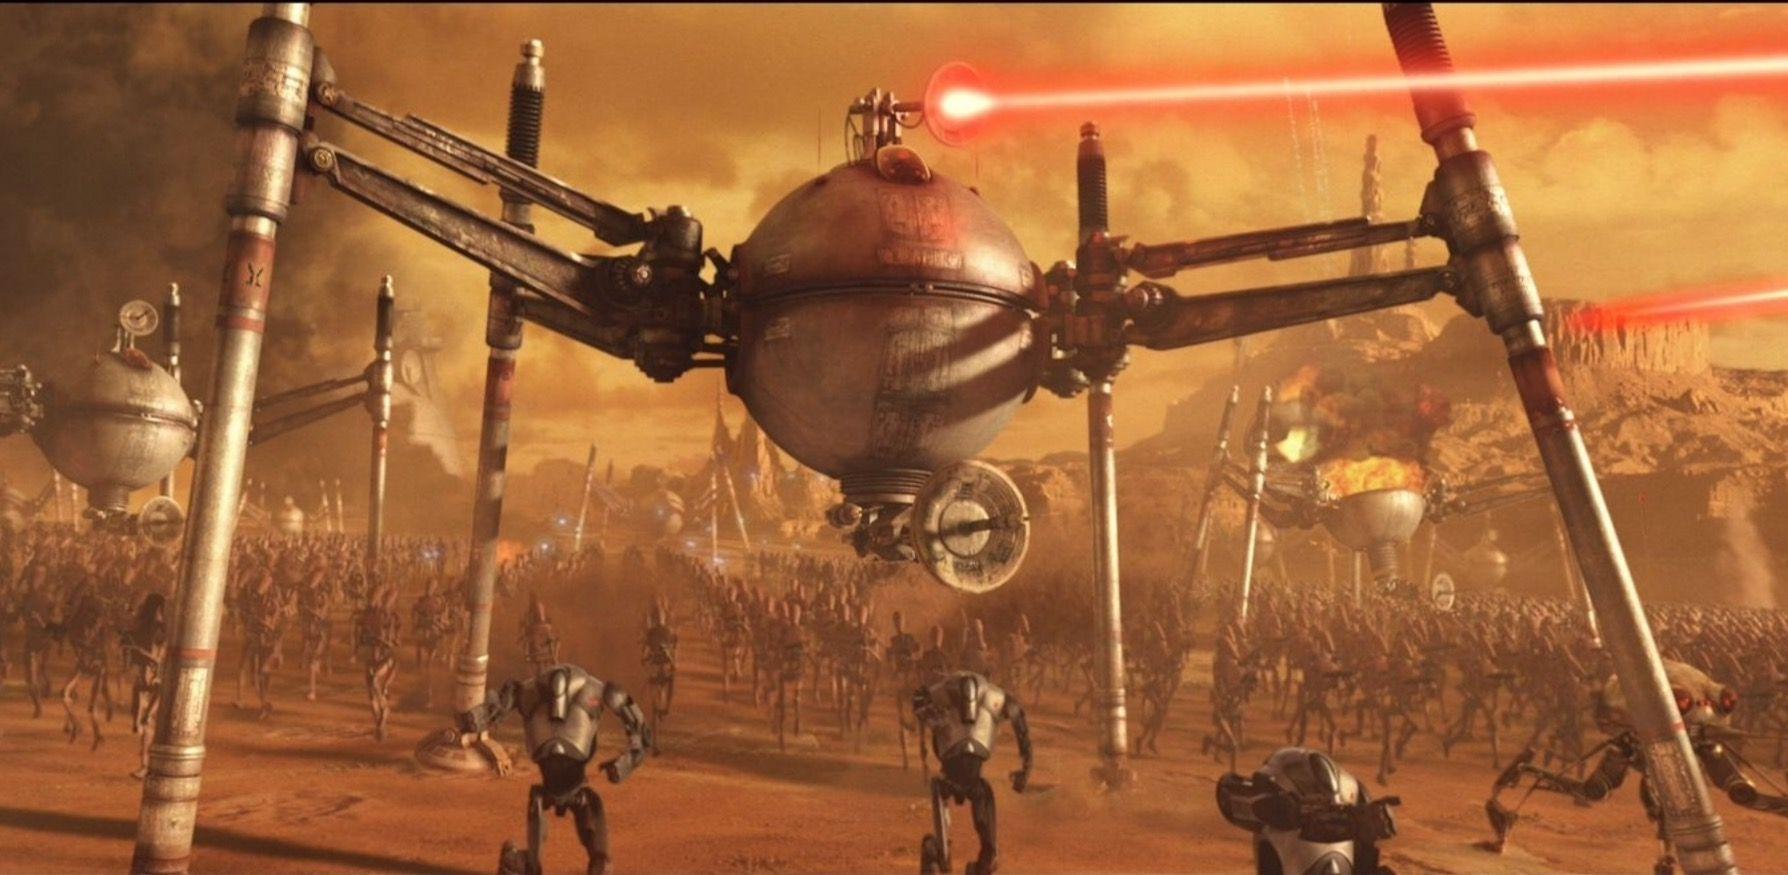 Star Wars Wallpaper Geonosis Battle Star Wars Episode Ii Star Wars Episodes Star Wars Droids